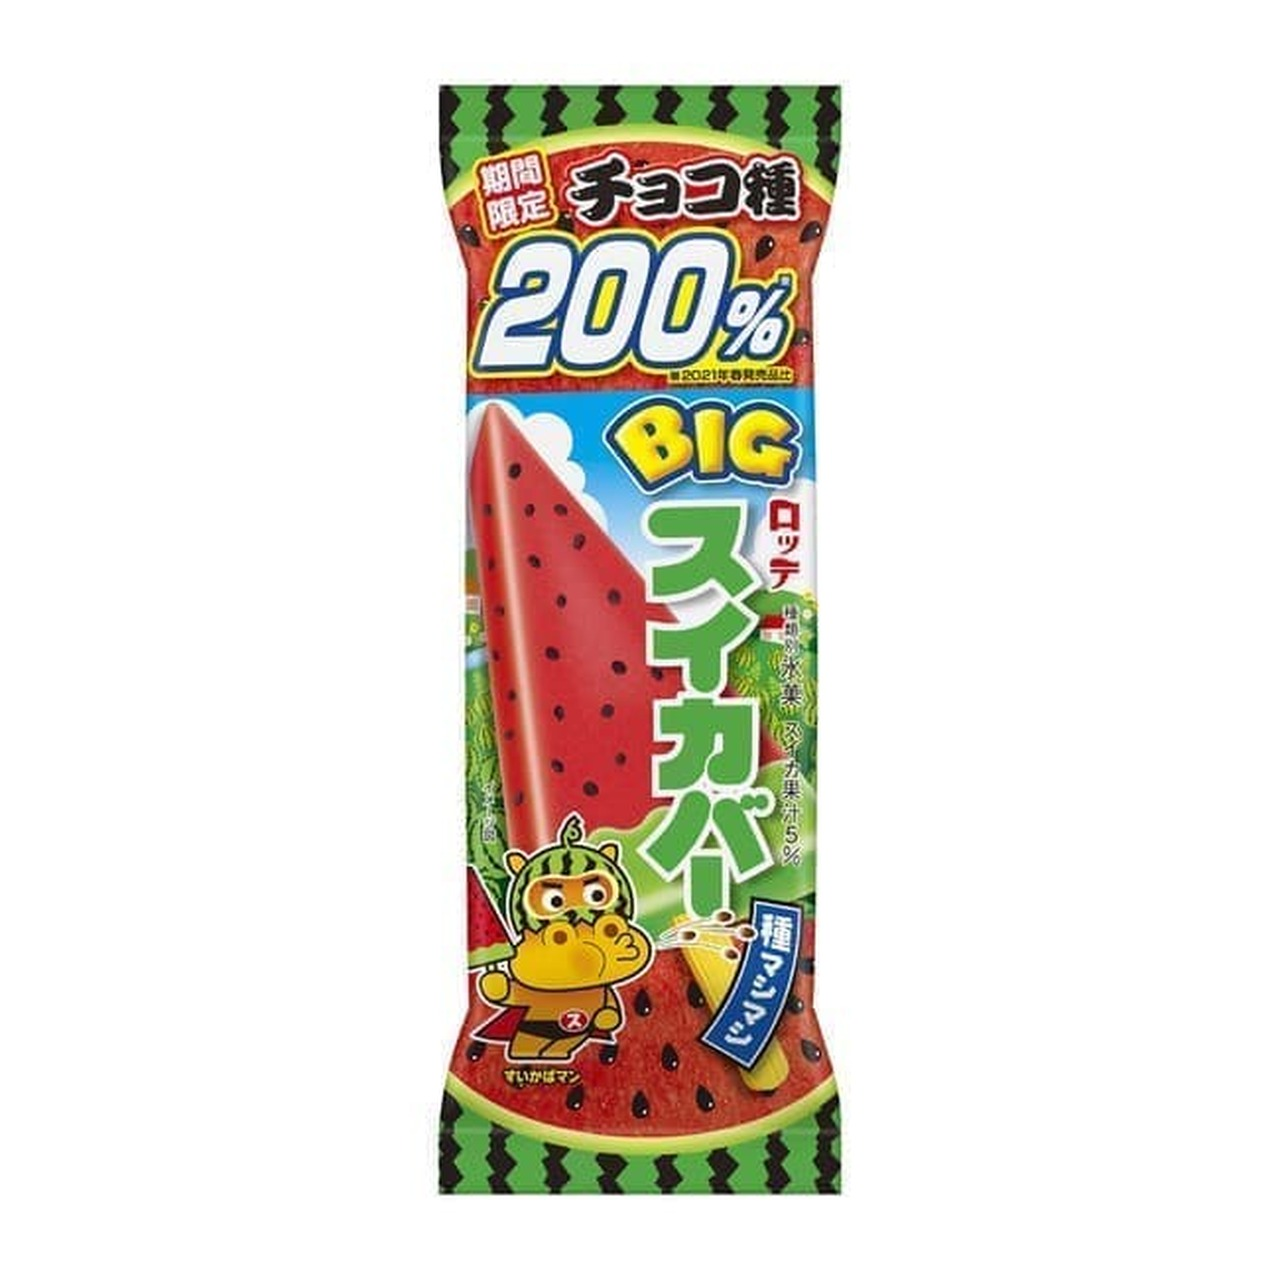 スイカバー「BIGスイカバー(チョコ種200%)」